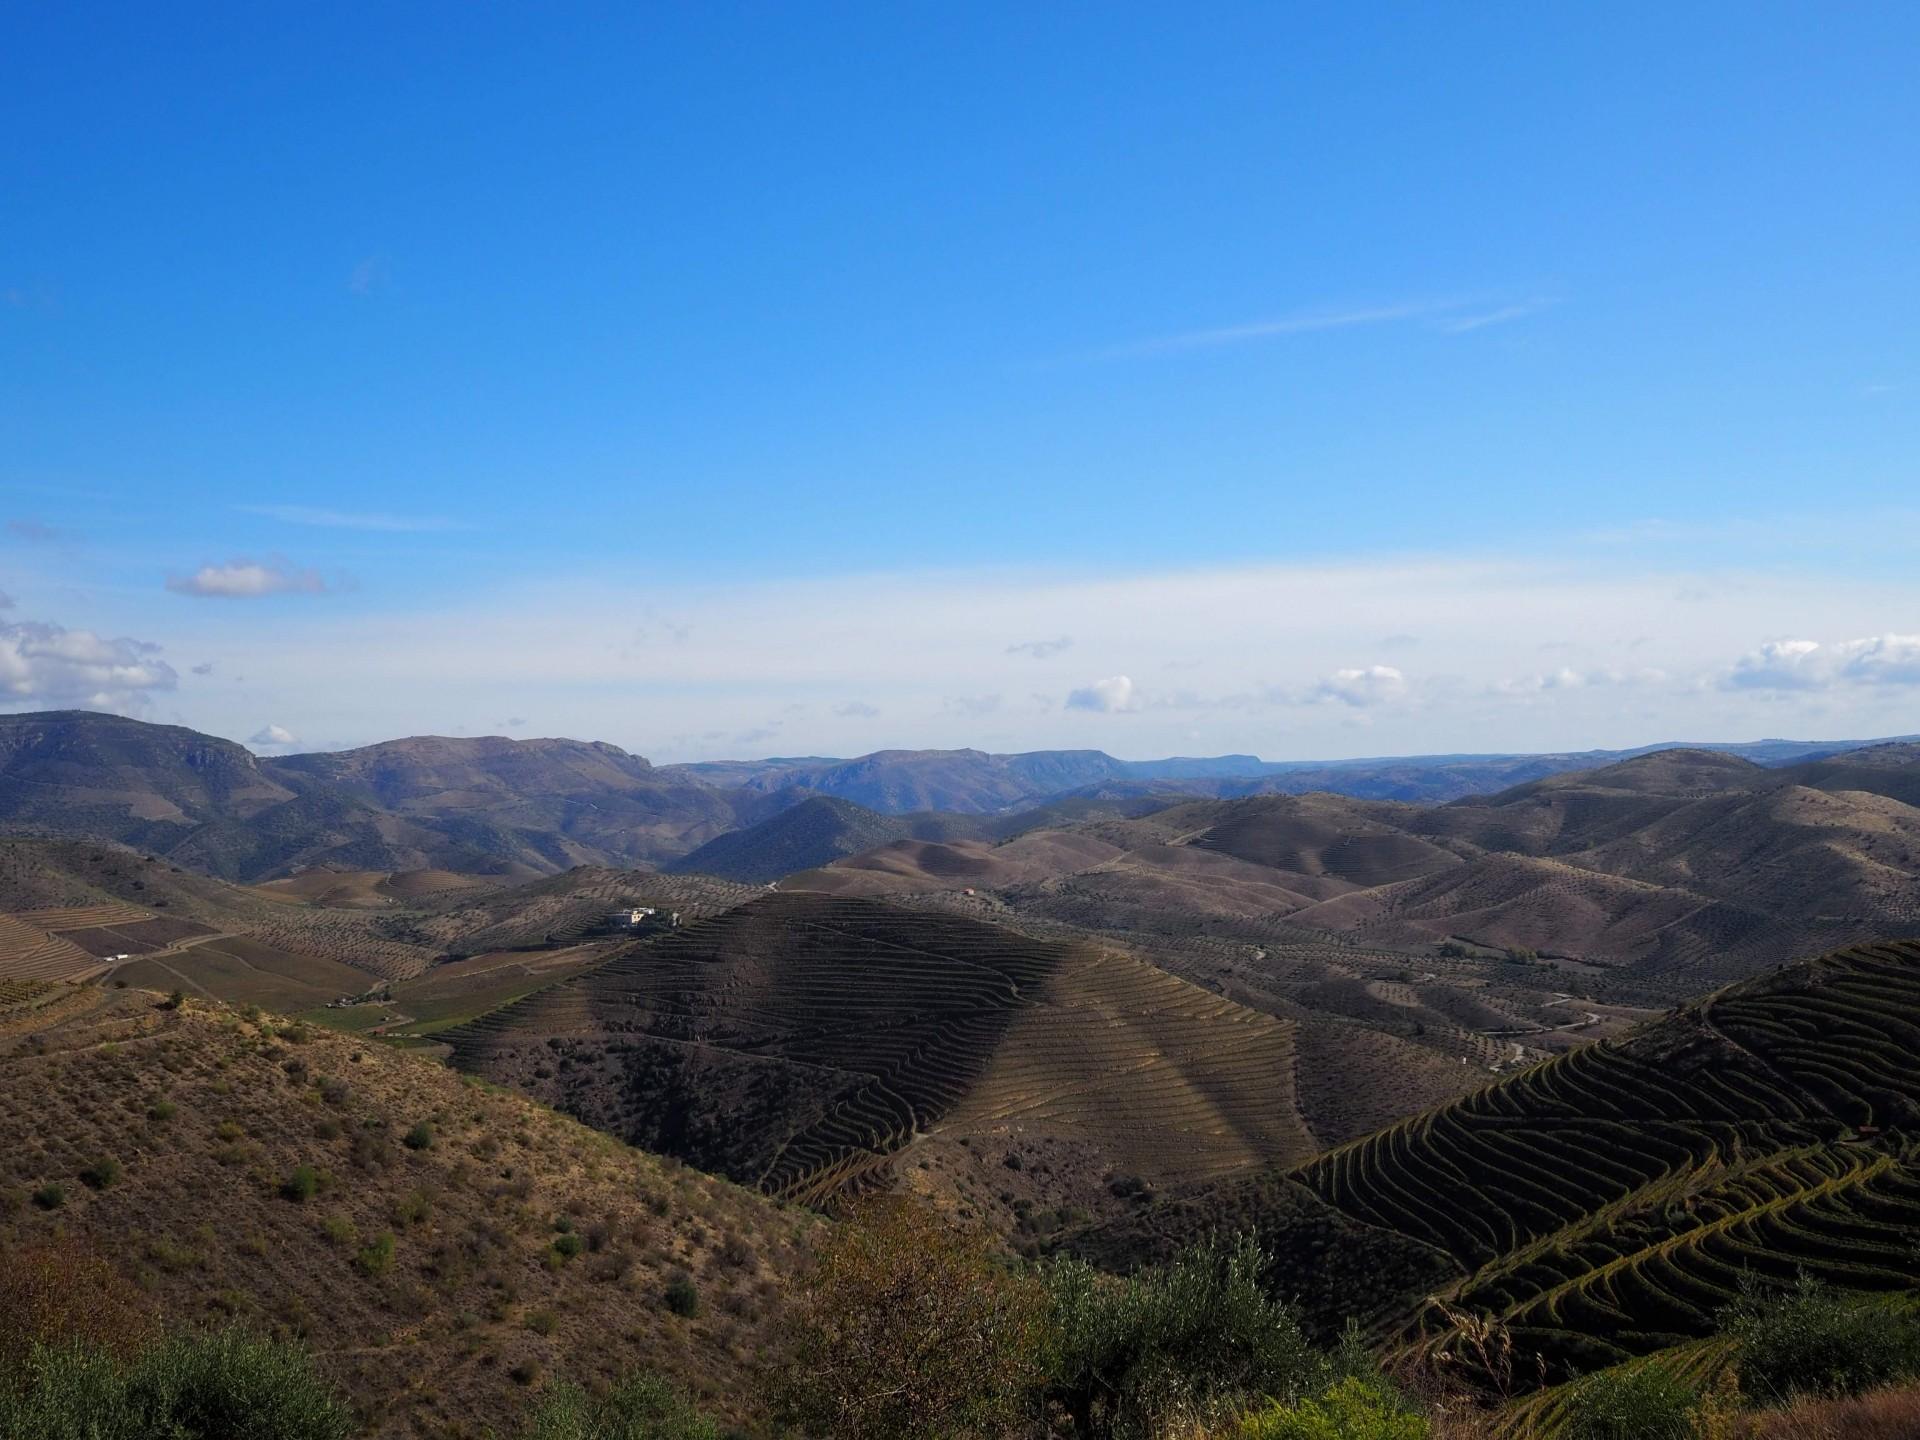 オリーブ畑とぶどう畑が広がるドウロの景色